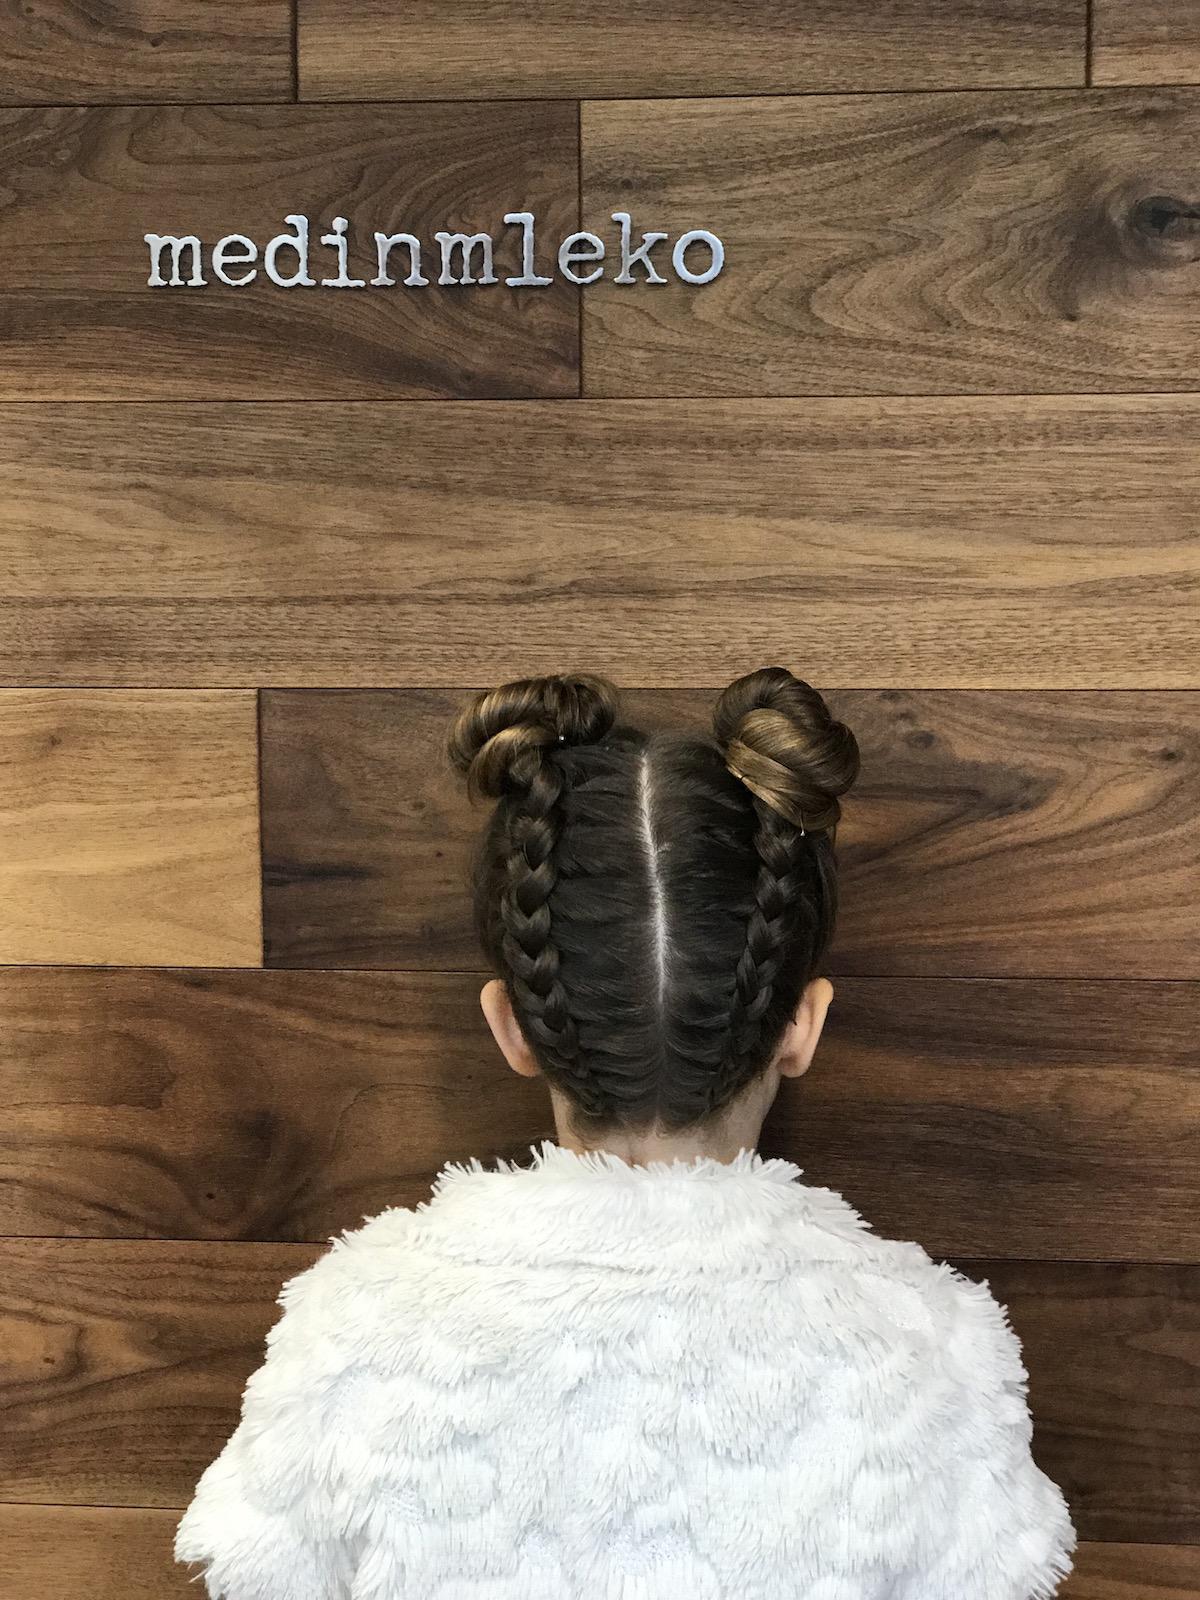 kitke figa med in mleko frizura beautyfullblog